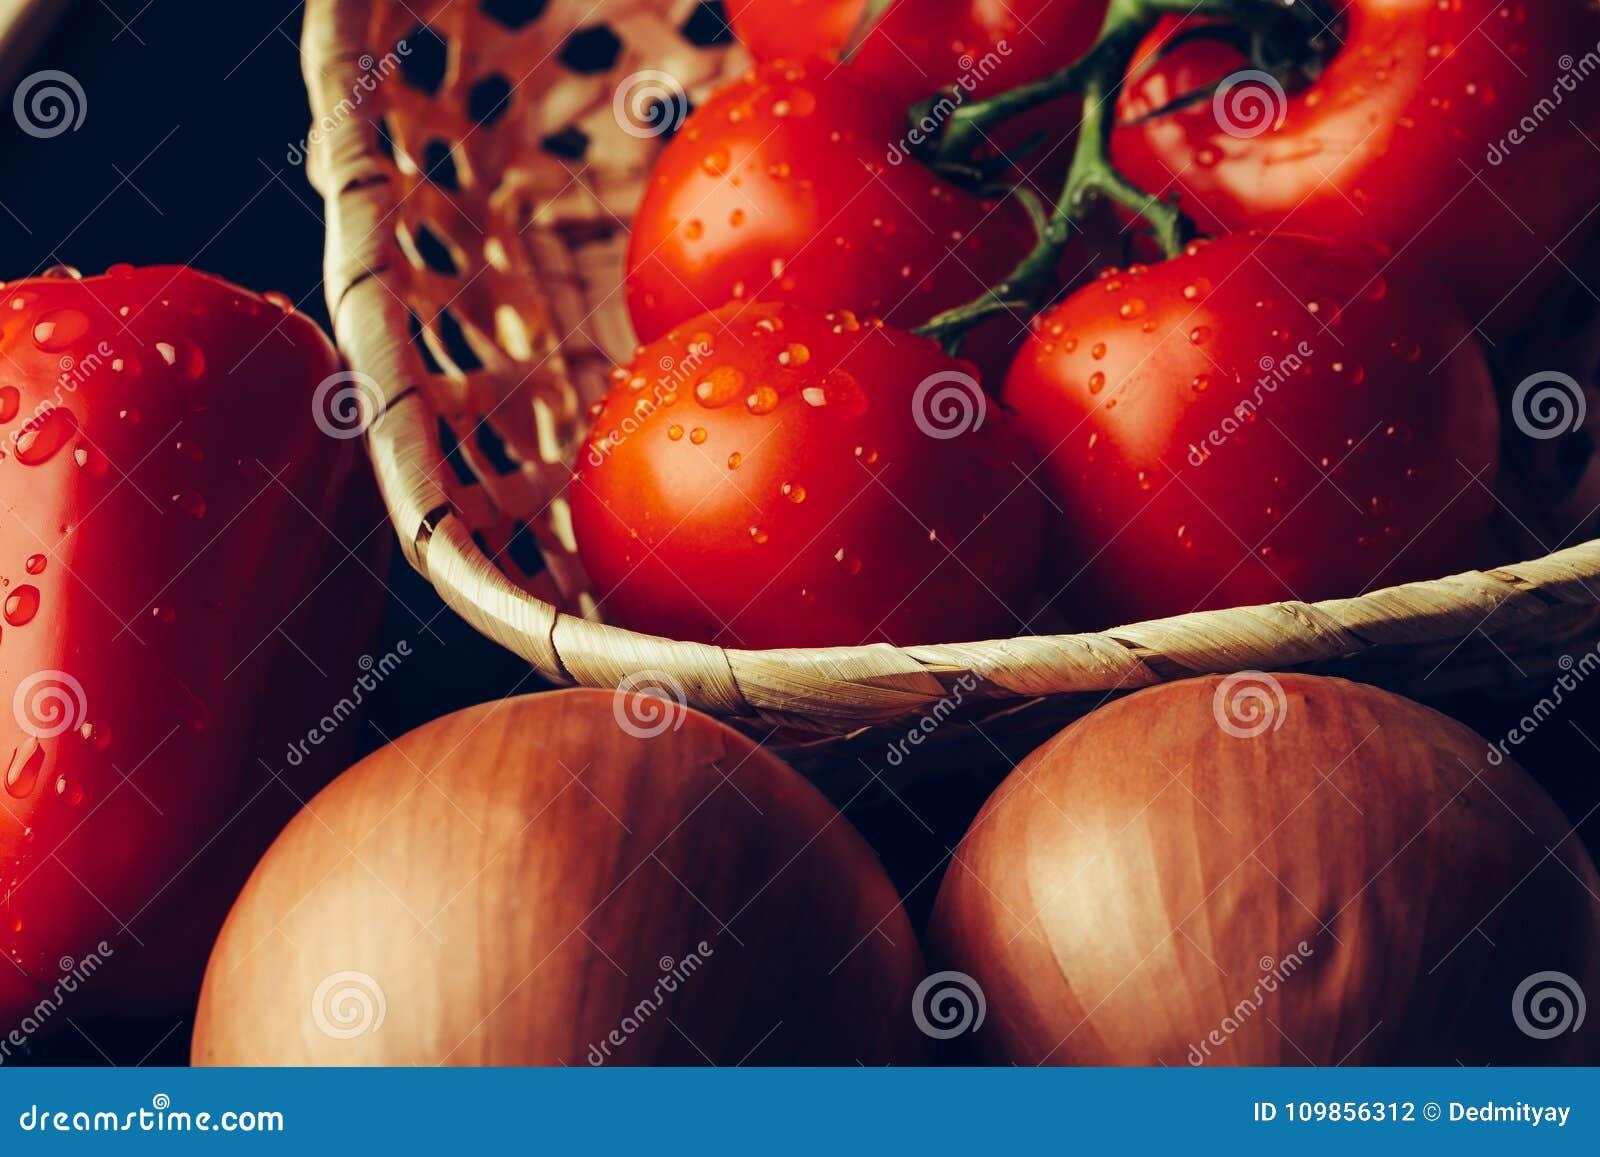 Tomates molhados frescos nas gotas da água, cebola dourada, pimenta de sino no fundo escuro